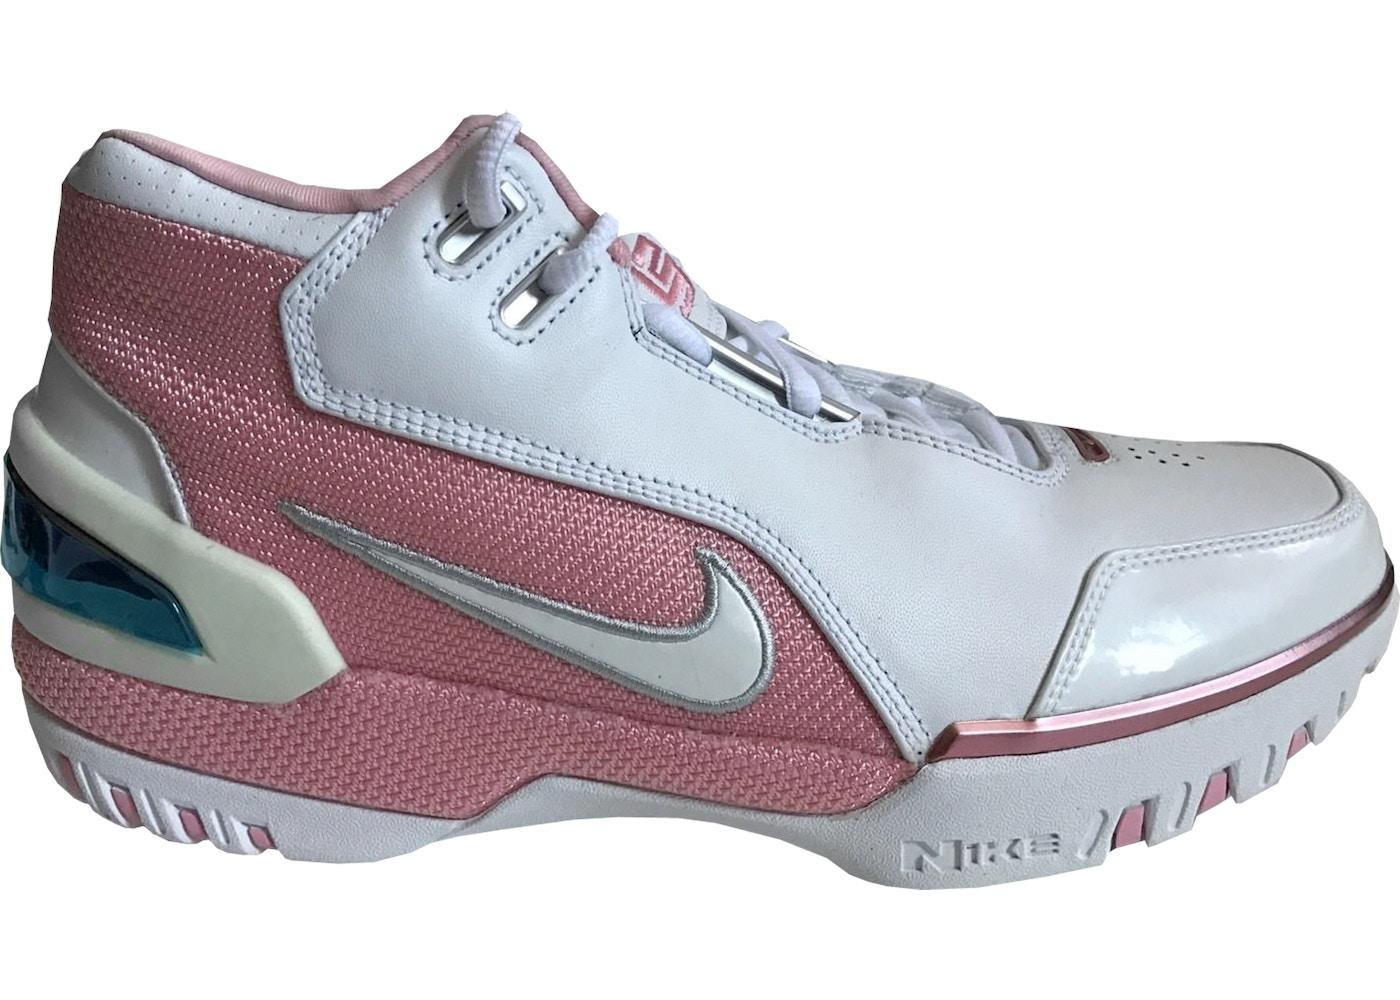 19e7074e5 Buy Nike LeBron 1 Shoes   Deadstock Sneakers